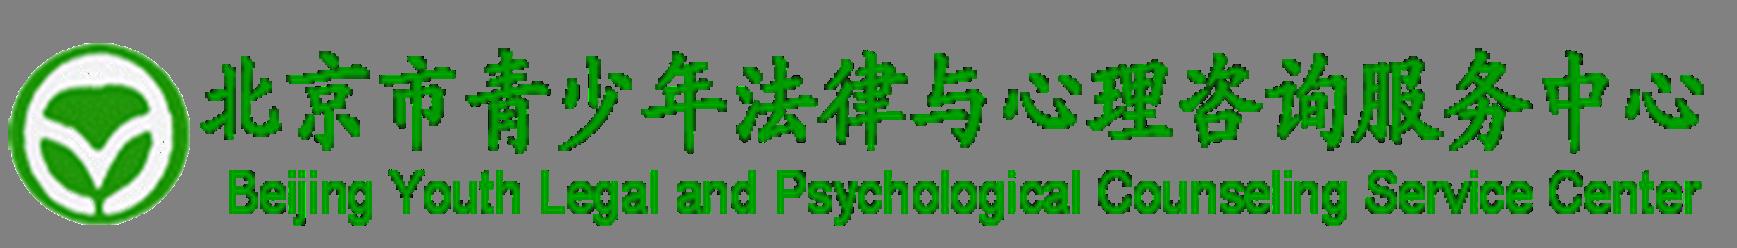 北京市青少年法律与心理咨询服务中心